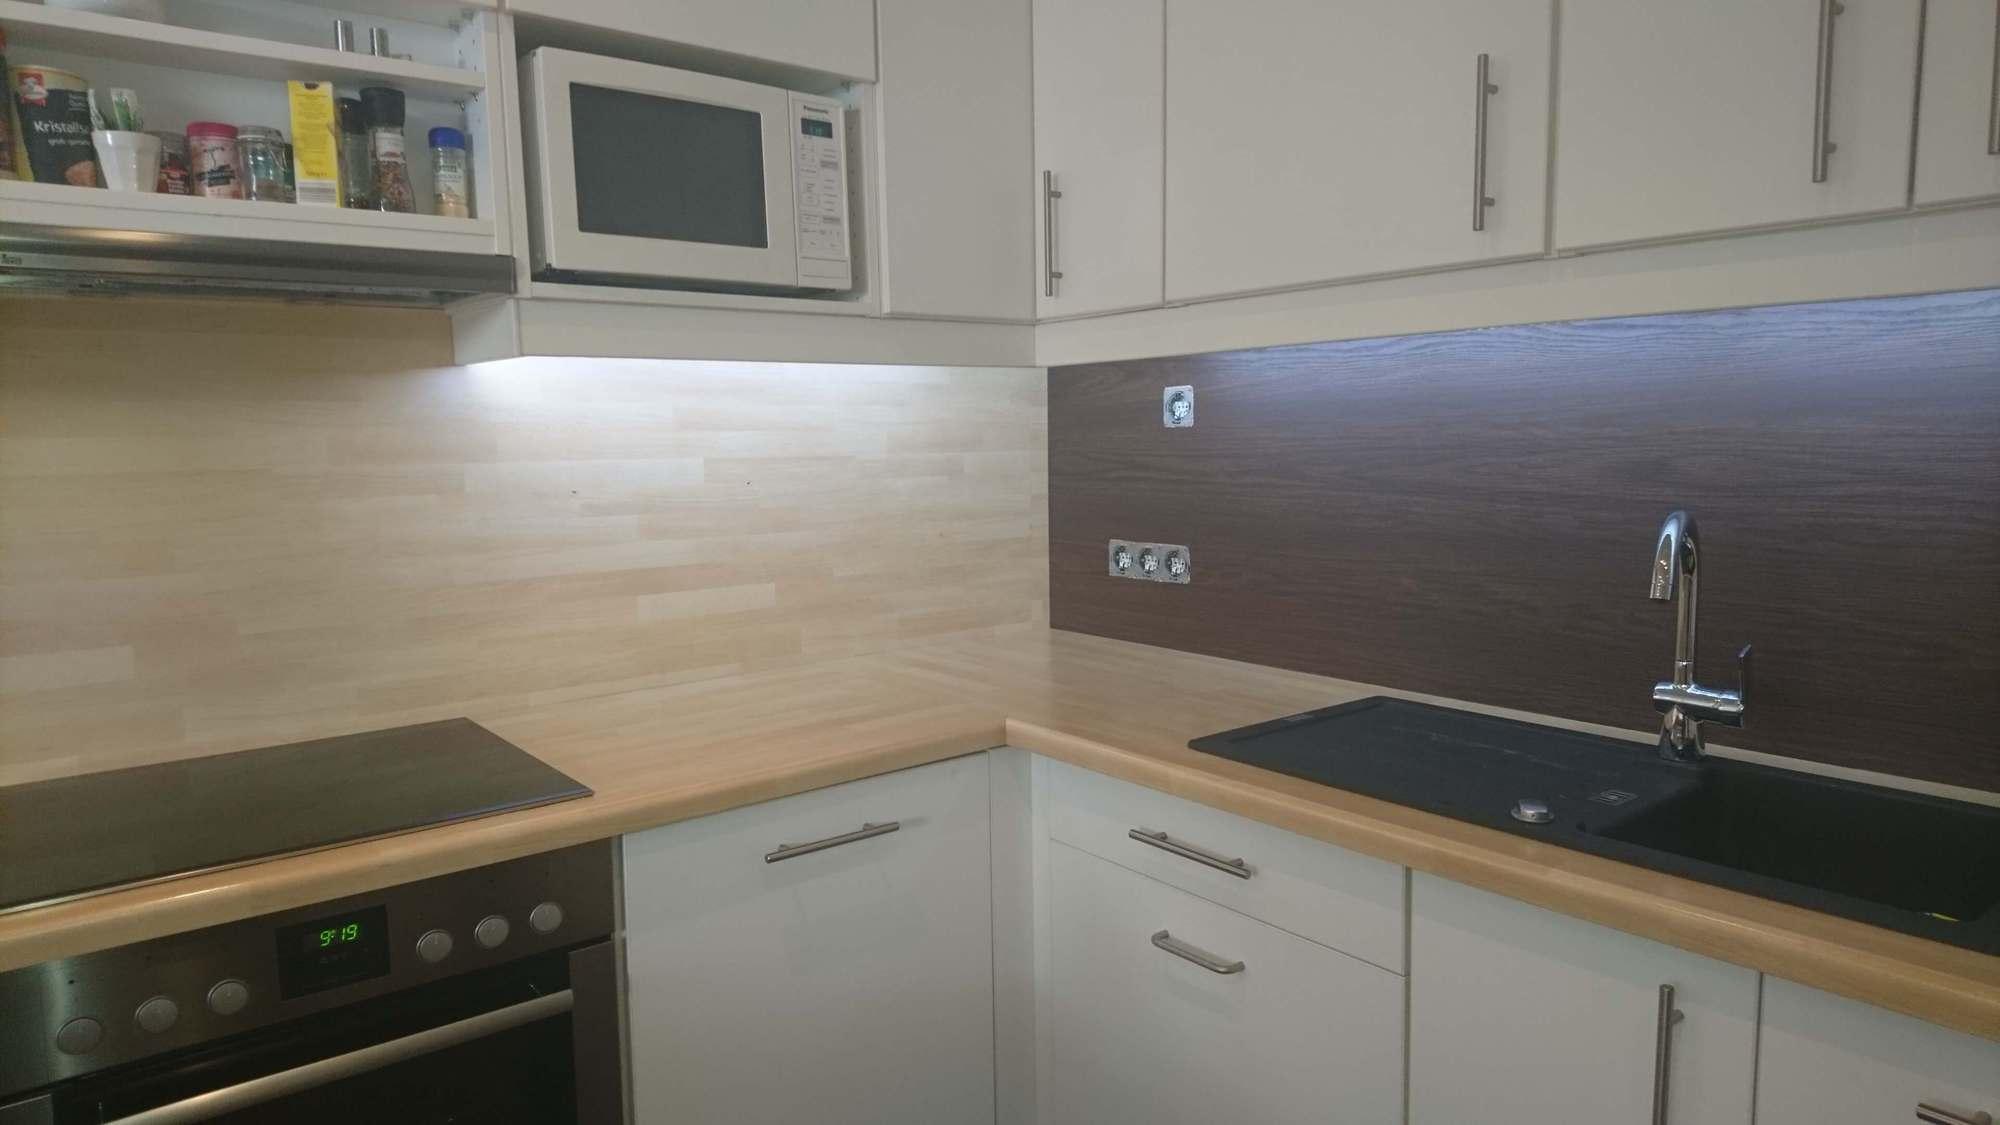 Full Size of Sockelblende Küche Nolte Küche Blende Abbauen Ikea Küche Blende Boden Küchenblende Küche Küche Blende